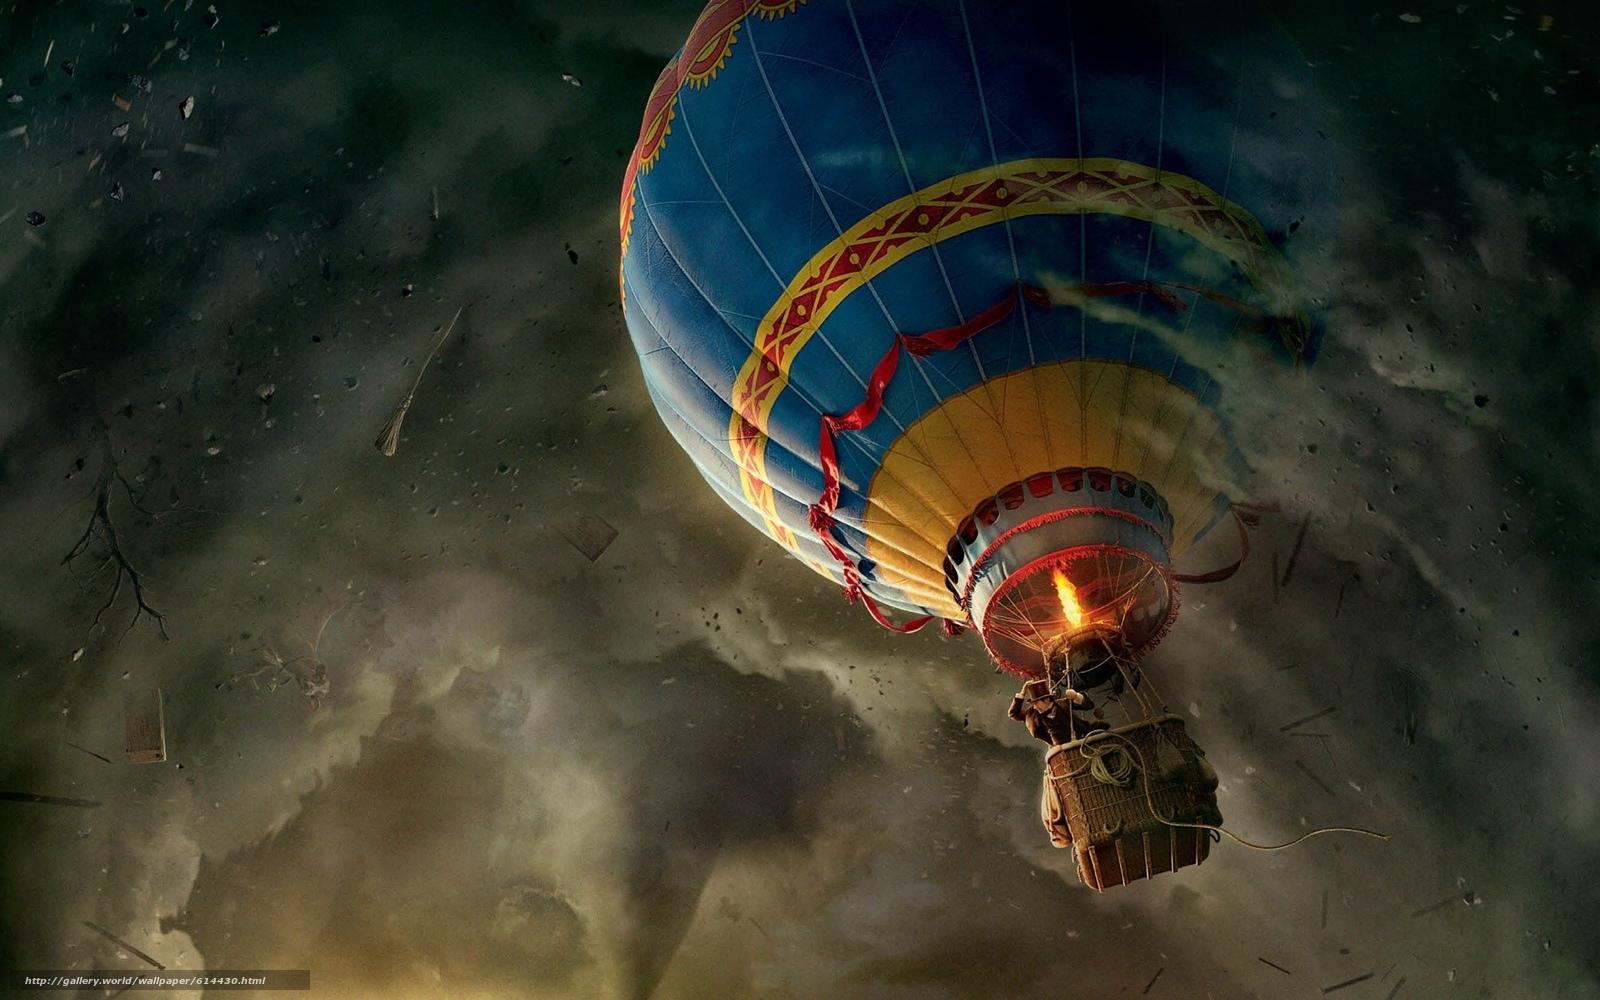 Скачать обои воздушный,  шар,  смерч,  приключения бесплатно для рабочего стола в разрешении 1920x1200 — картинка №614430